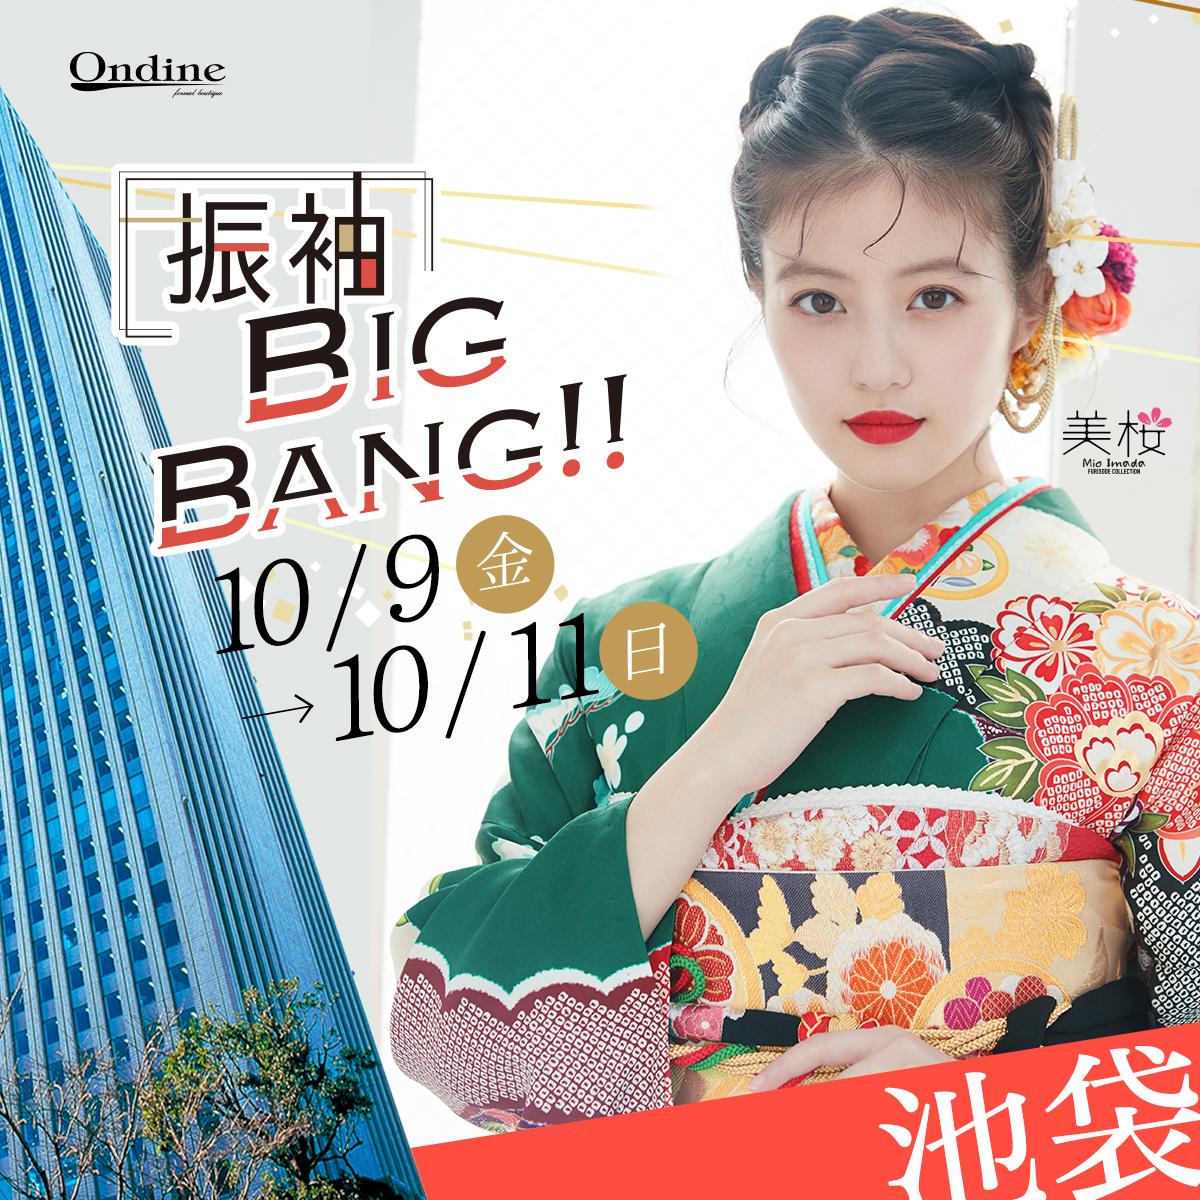 10.9-10.11 振袖BIGBANG 池袋サンシャインシティ